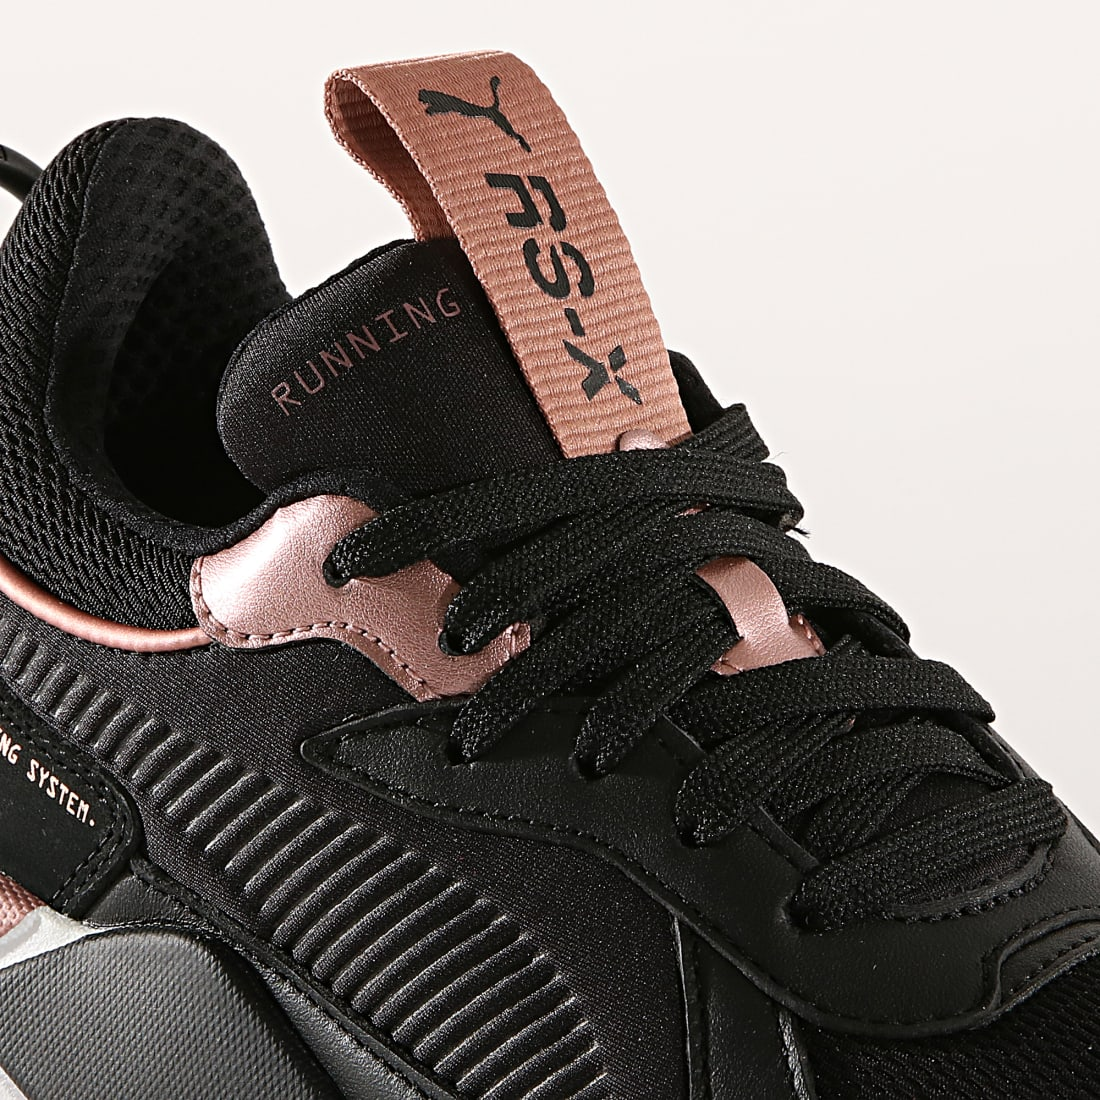 Puma Baskets Femme RS X Trophy 369451 04 Black Rose Gold